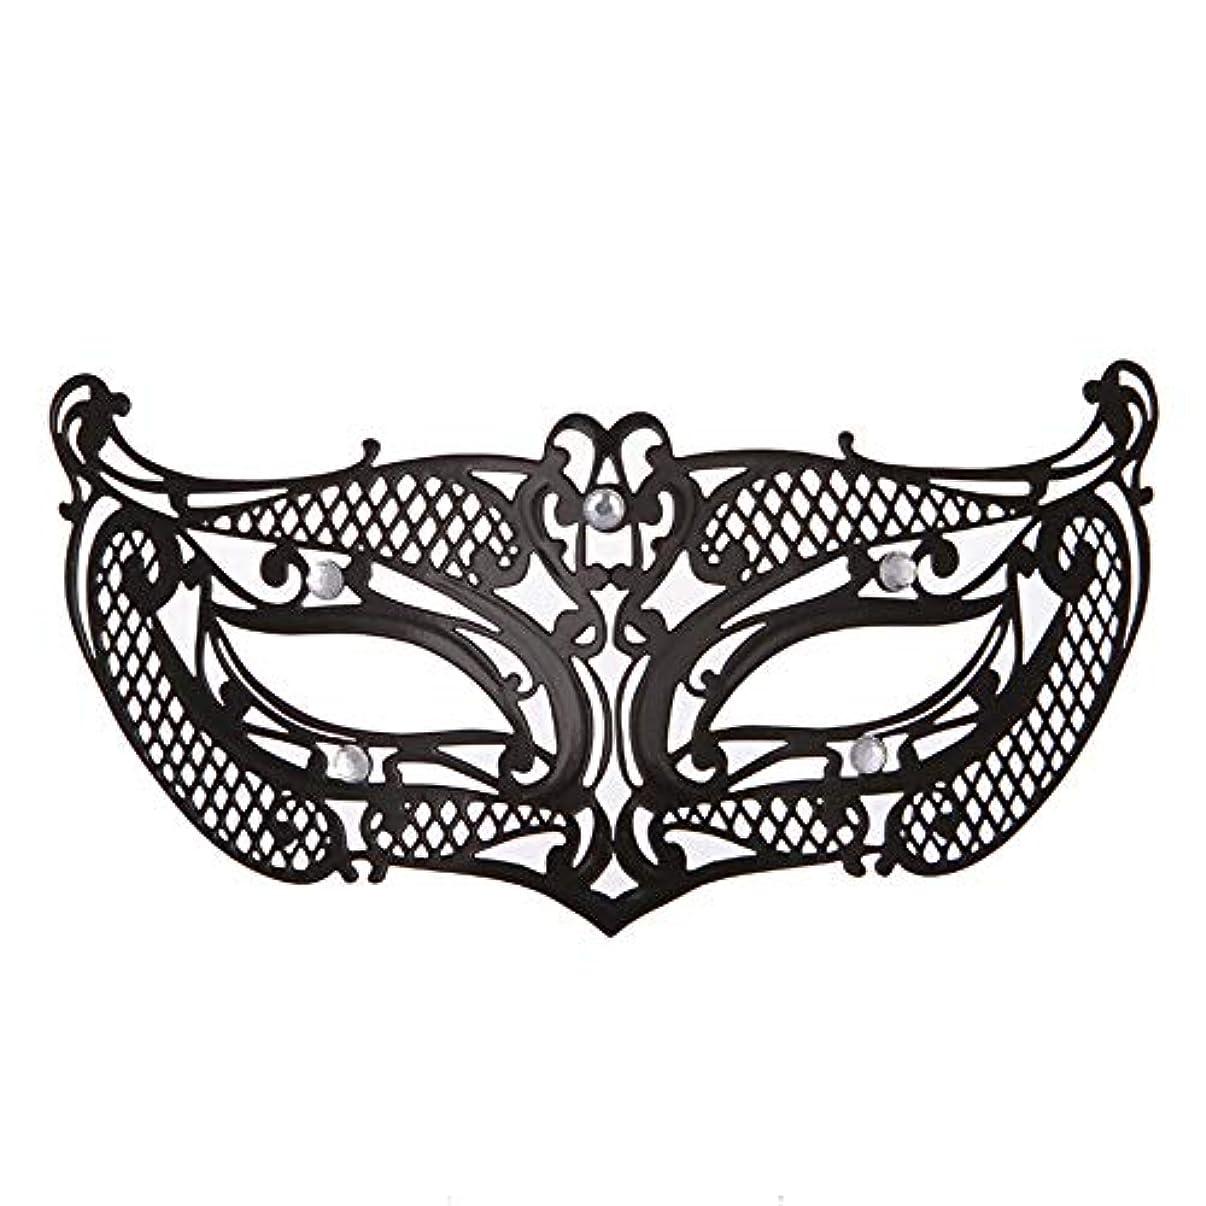 迅速グリル輸送ダンスマスク アイアンメタリックレースとダイヤモンドハーフマスクハロウィンダンスマスクナイトクラブボールマスクコスプレパーティーハロウィンマスク ホリデーパーティー用品 (色 : ブラック, サイズ : 19x8cm)